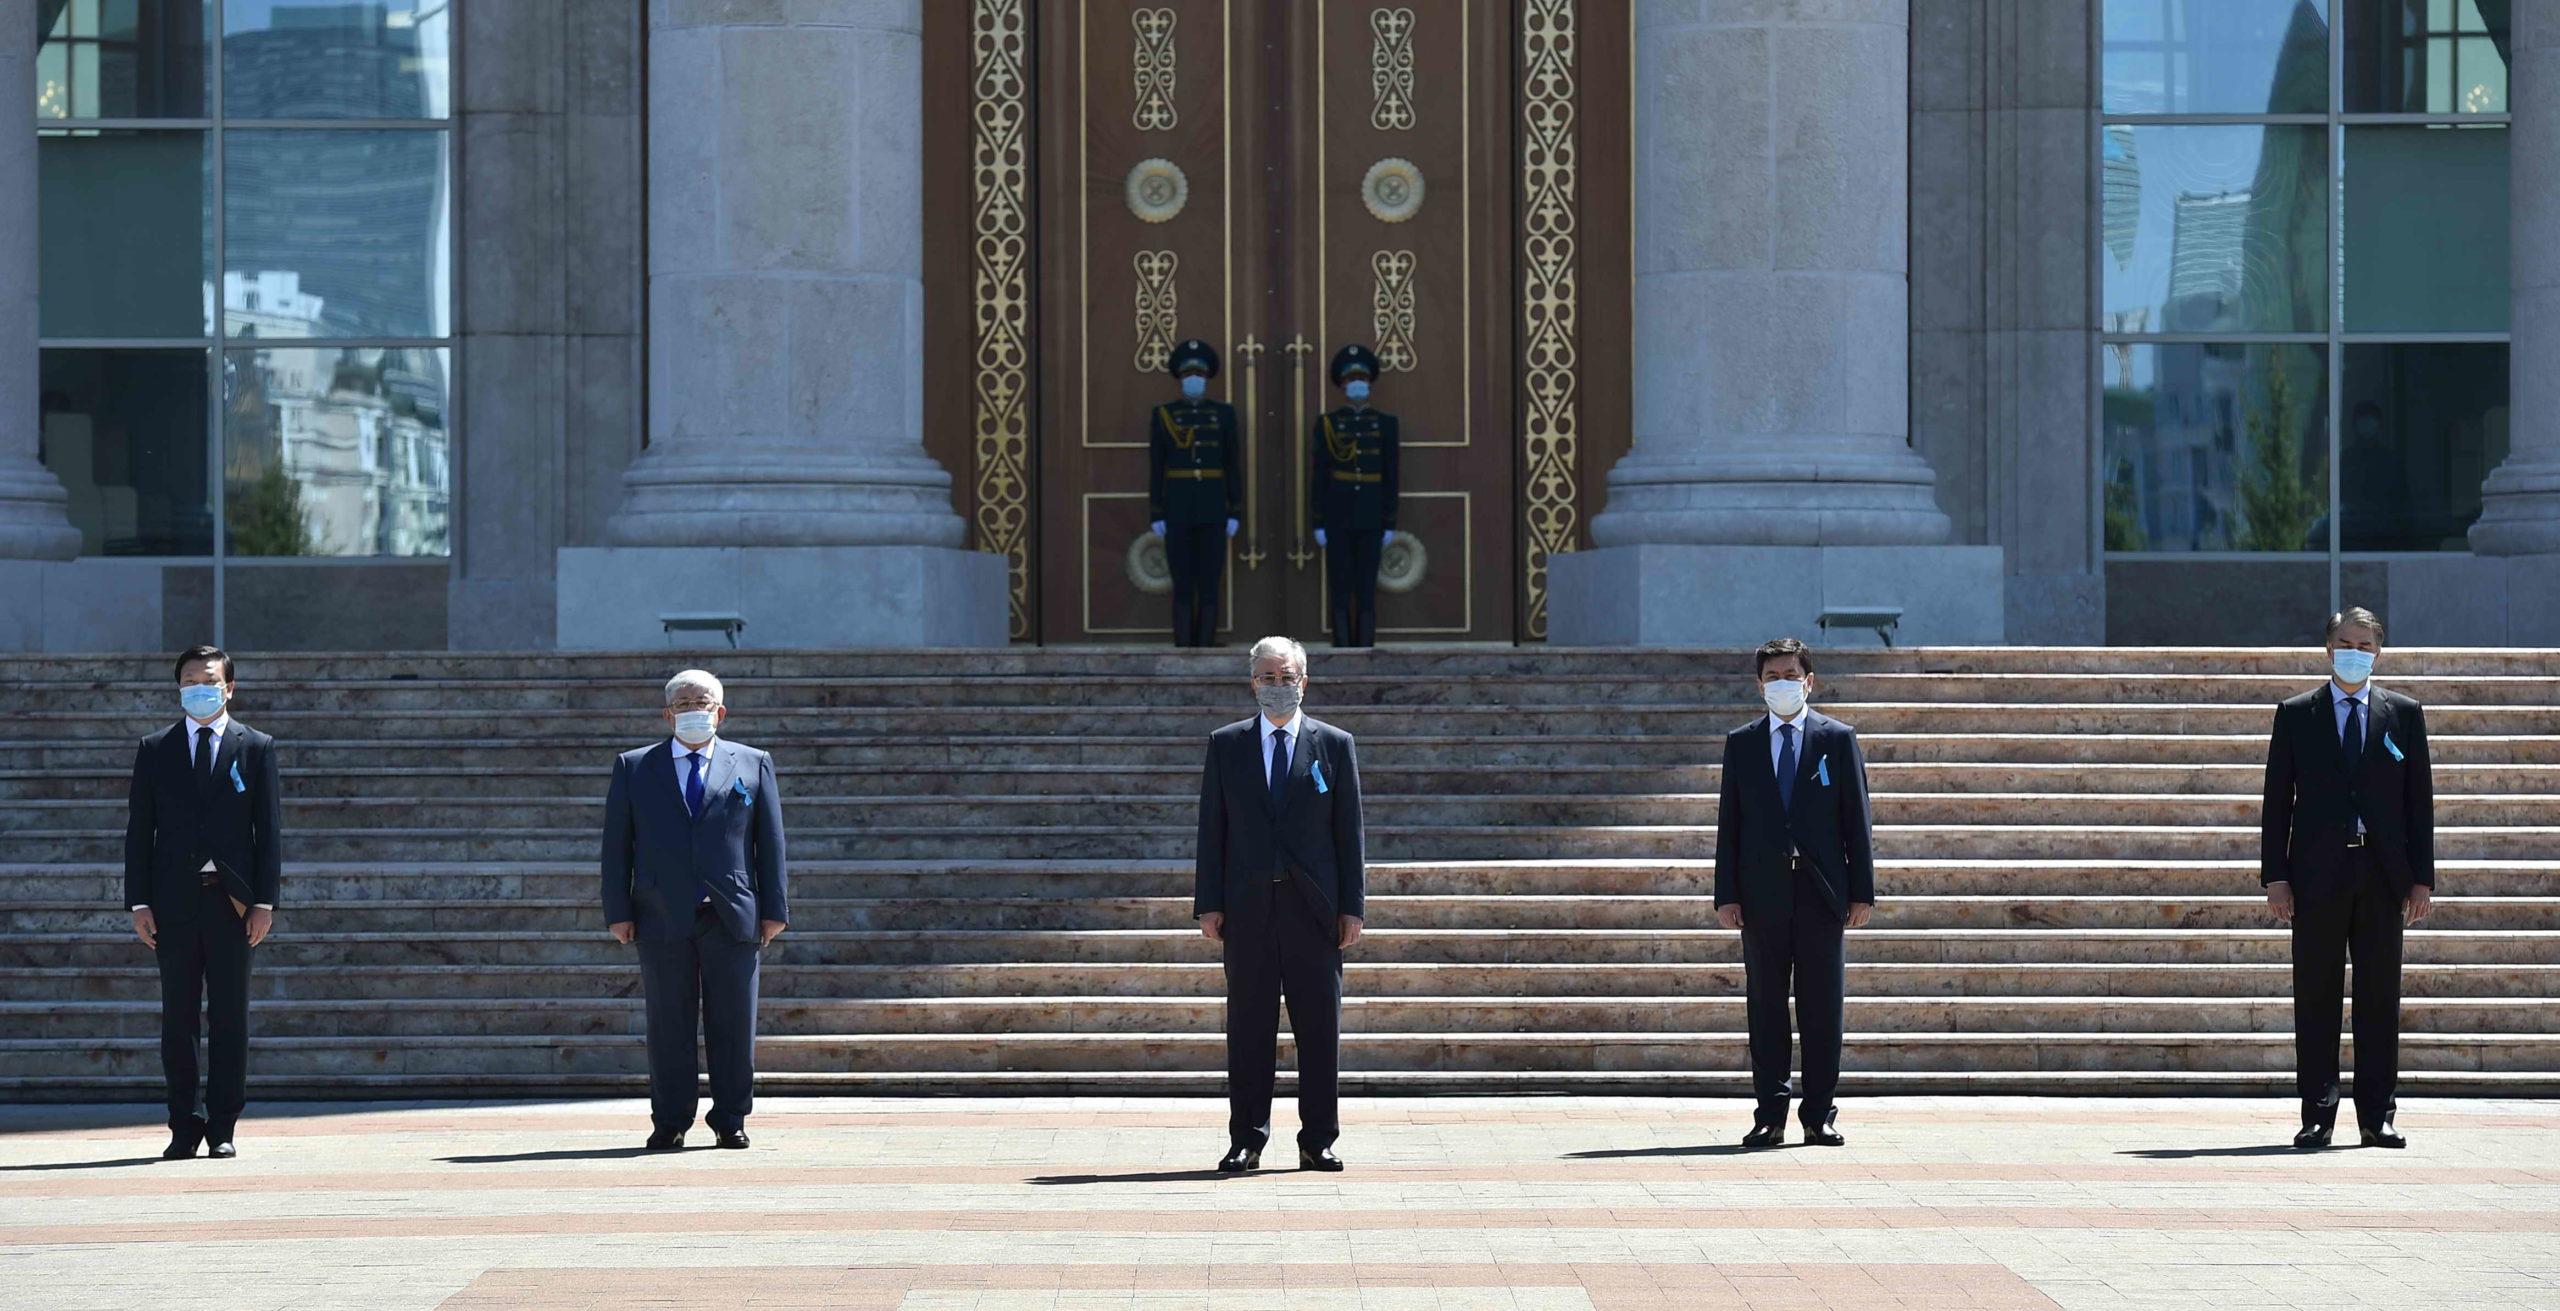 Photo credit akorda.kz1  scaled - Казахстан отмечает 13 июля Национальным днем траура по COVID-19 жертв